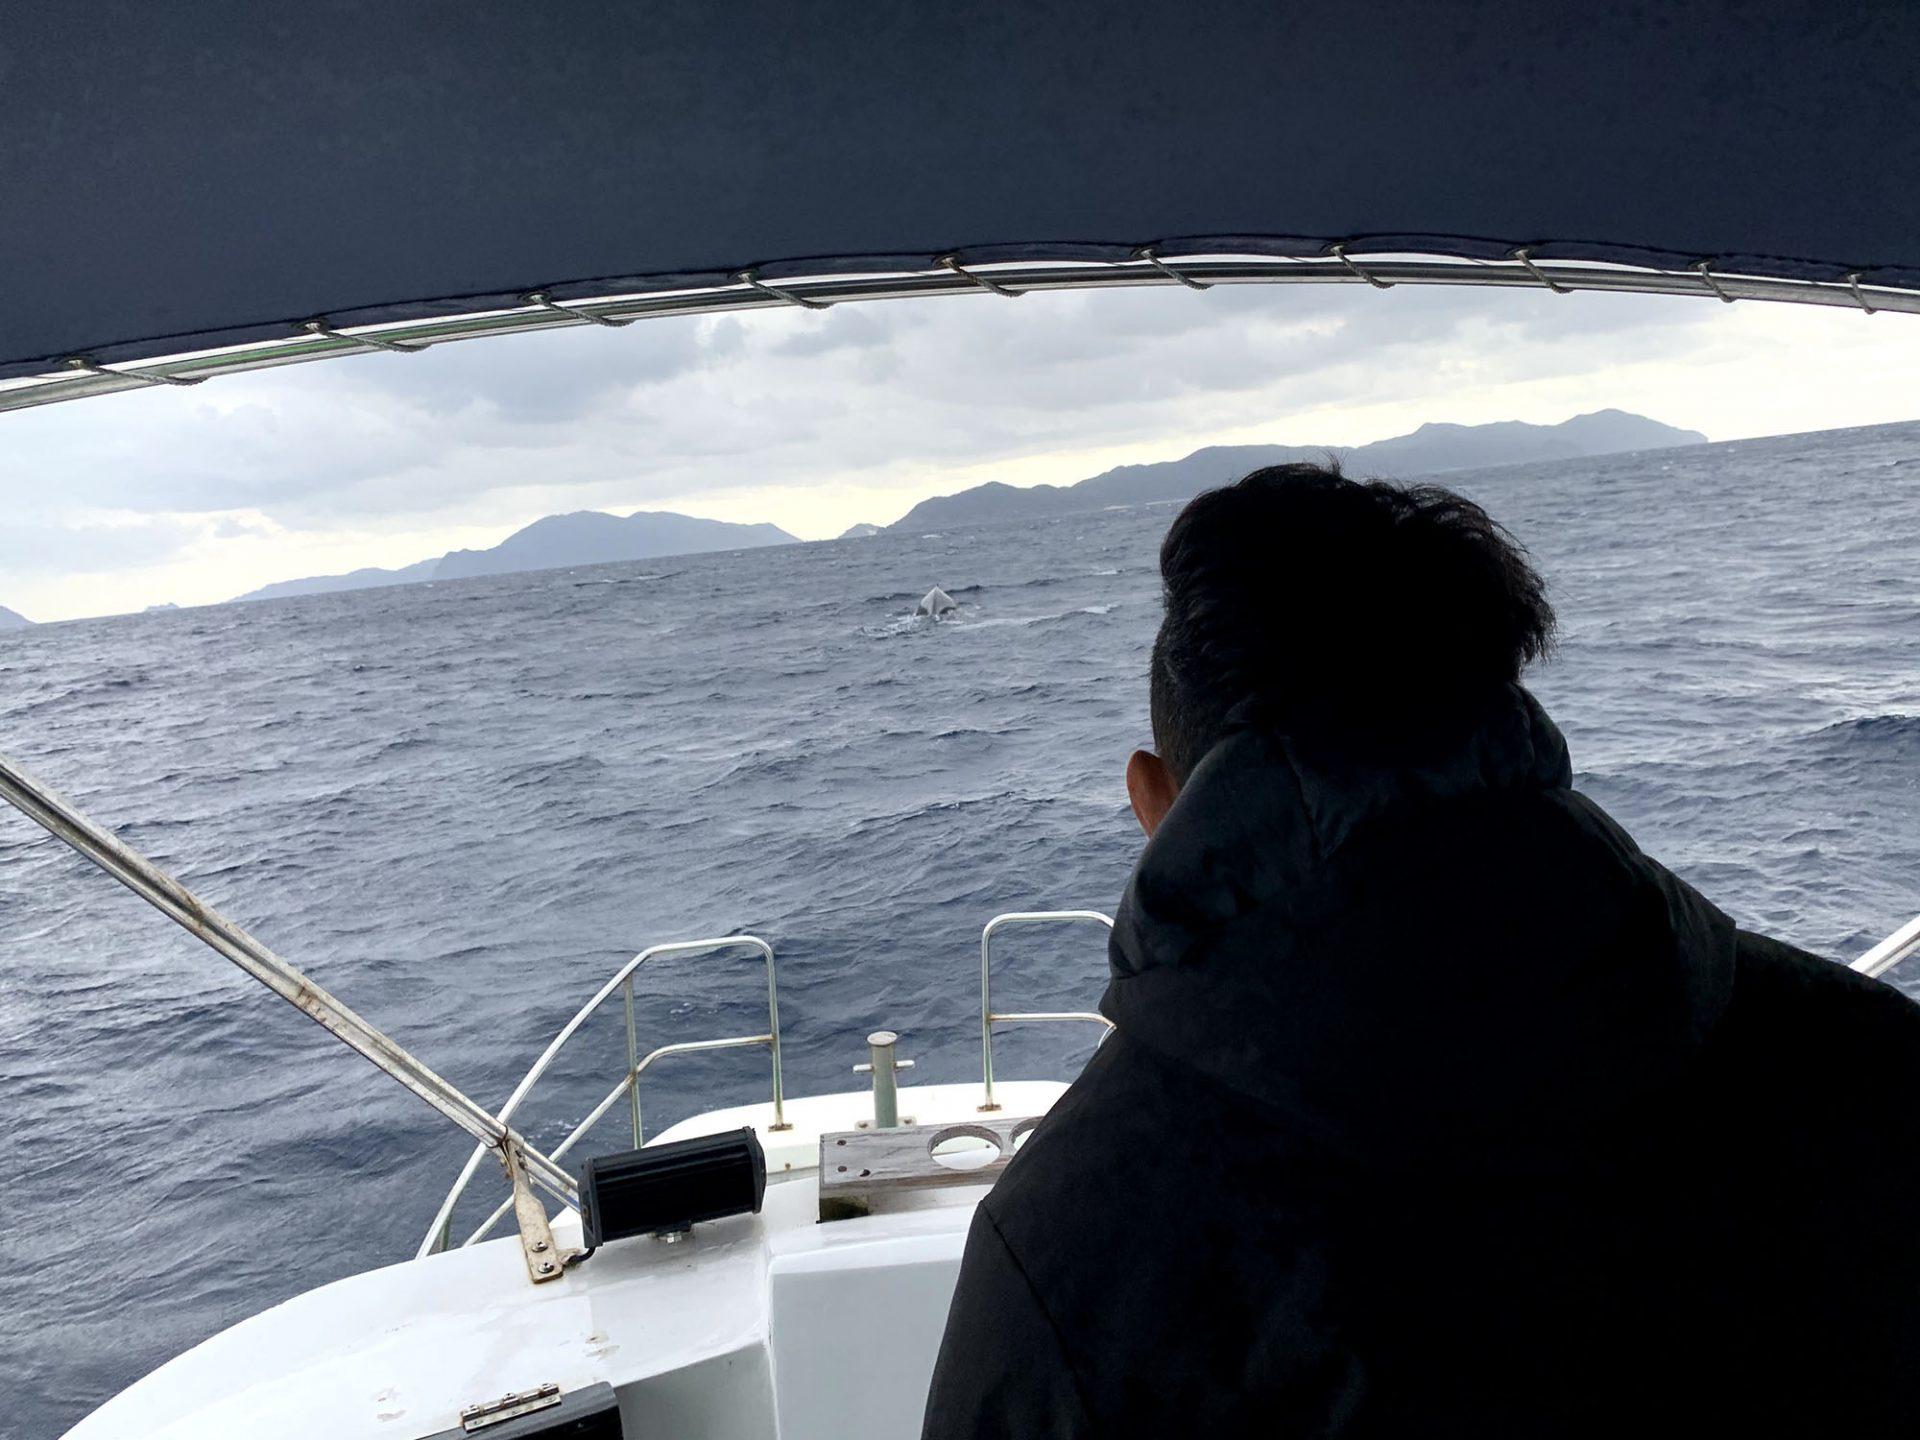 船の正面の1kmあたり離れた所で、大きな黒い物体がそそりあがり、沈んだと思ったら白い水柱が「ドカーン」と上がりました。